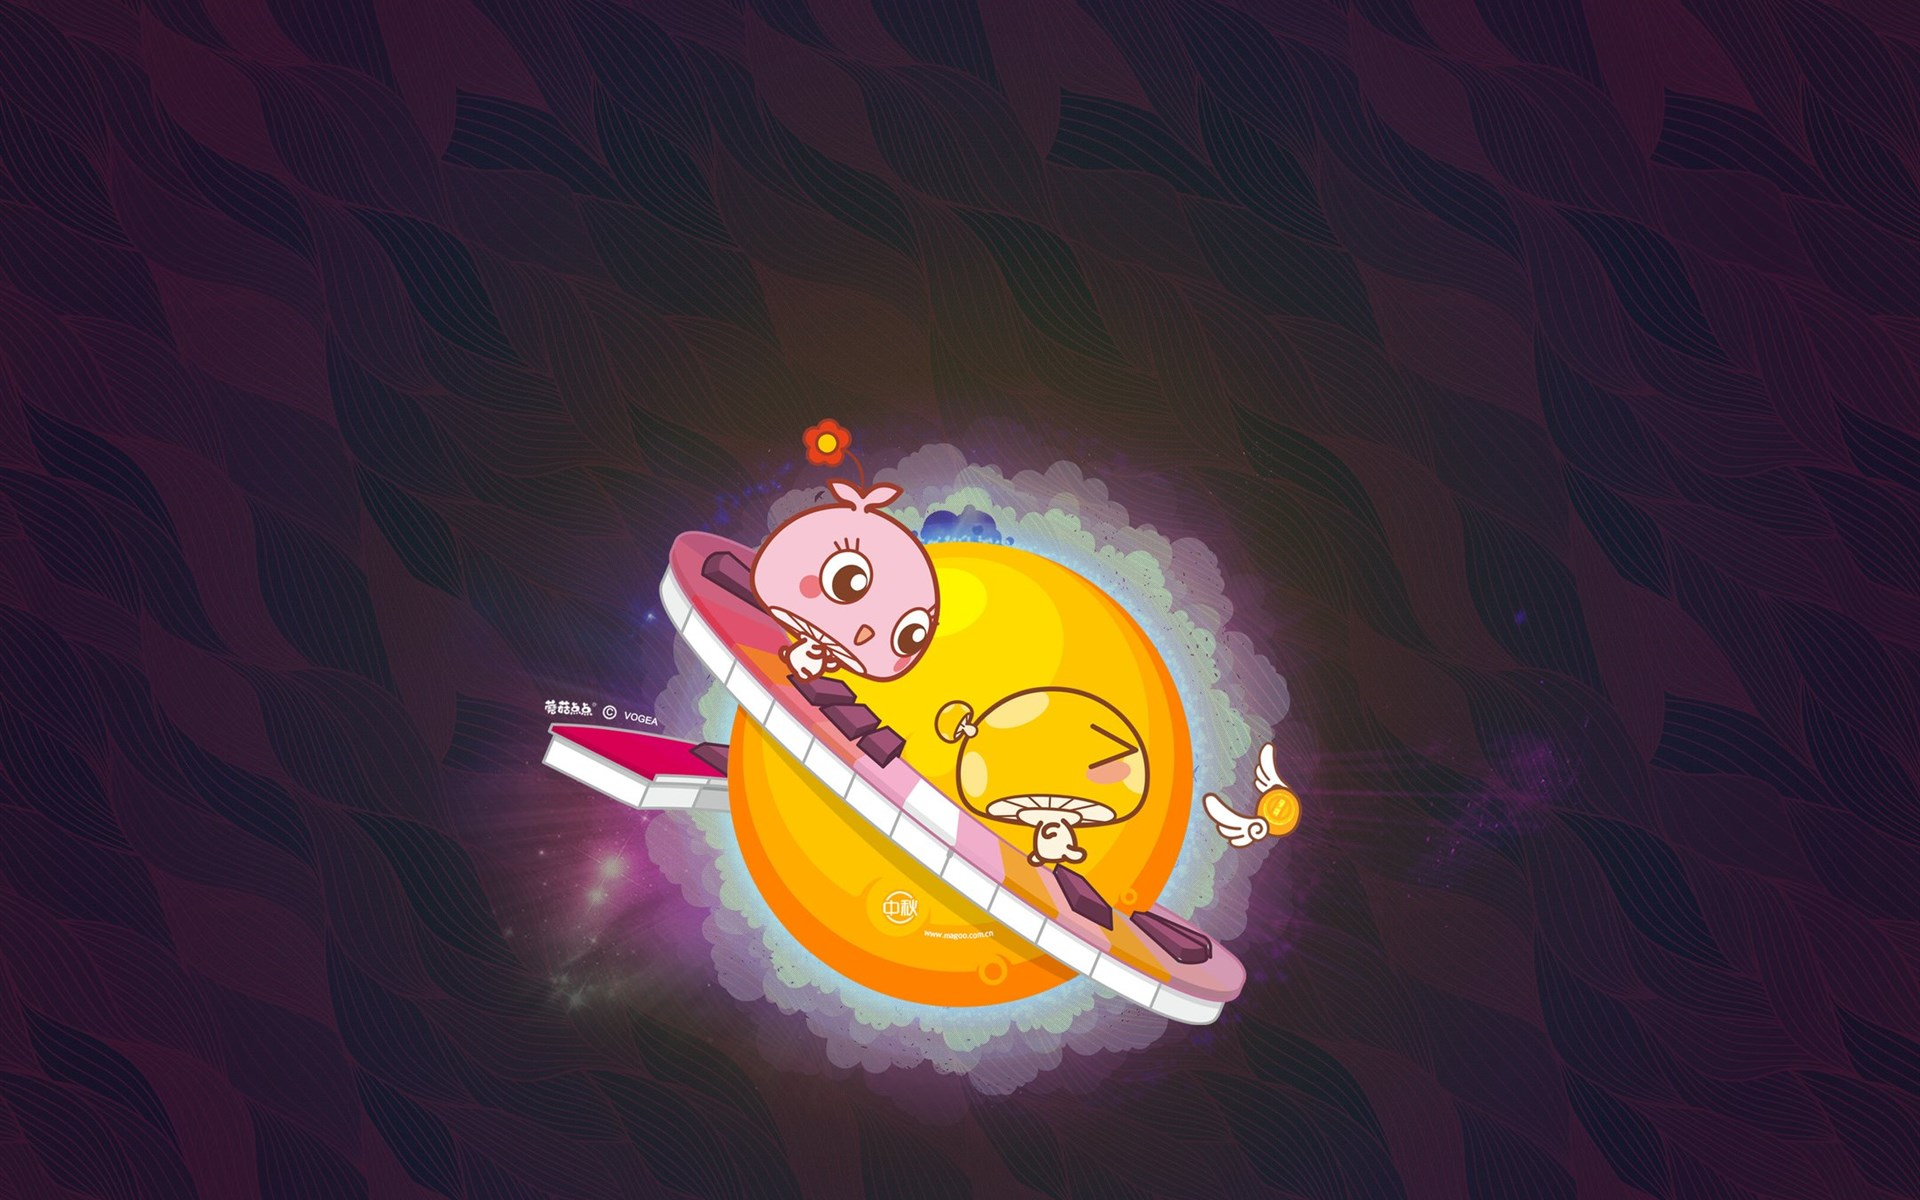 中秋节蘑菇点点主题卡通ppt背景图片下载_幻灯片模板